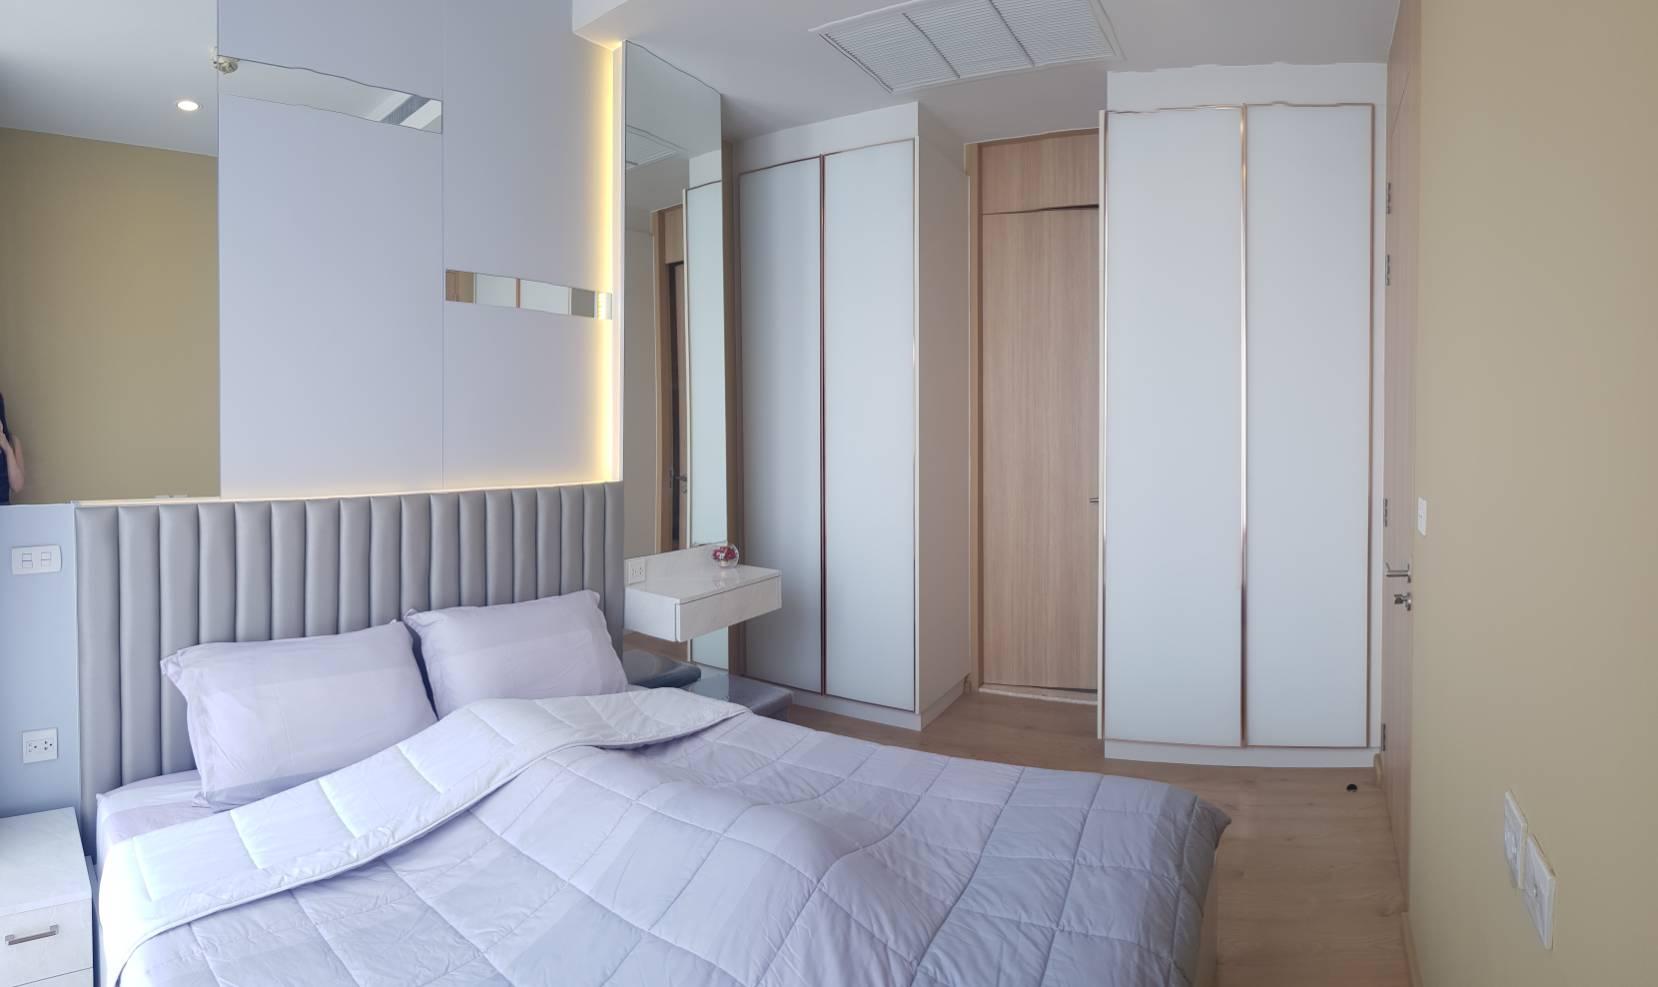 ให้เช่า Noble BE19 1 ห้องนอน ขนาด 35 ตร.ม. ชั้น 14 ทิศใต้ FOR RENT!! Noble BE19 1 bedroom (35 sq.m.)